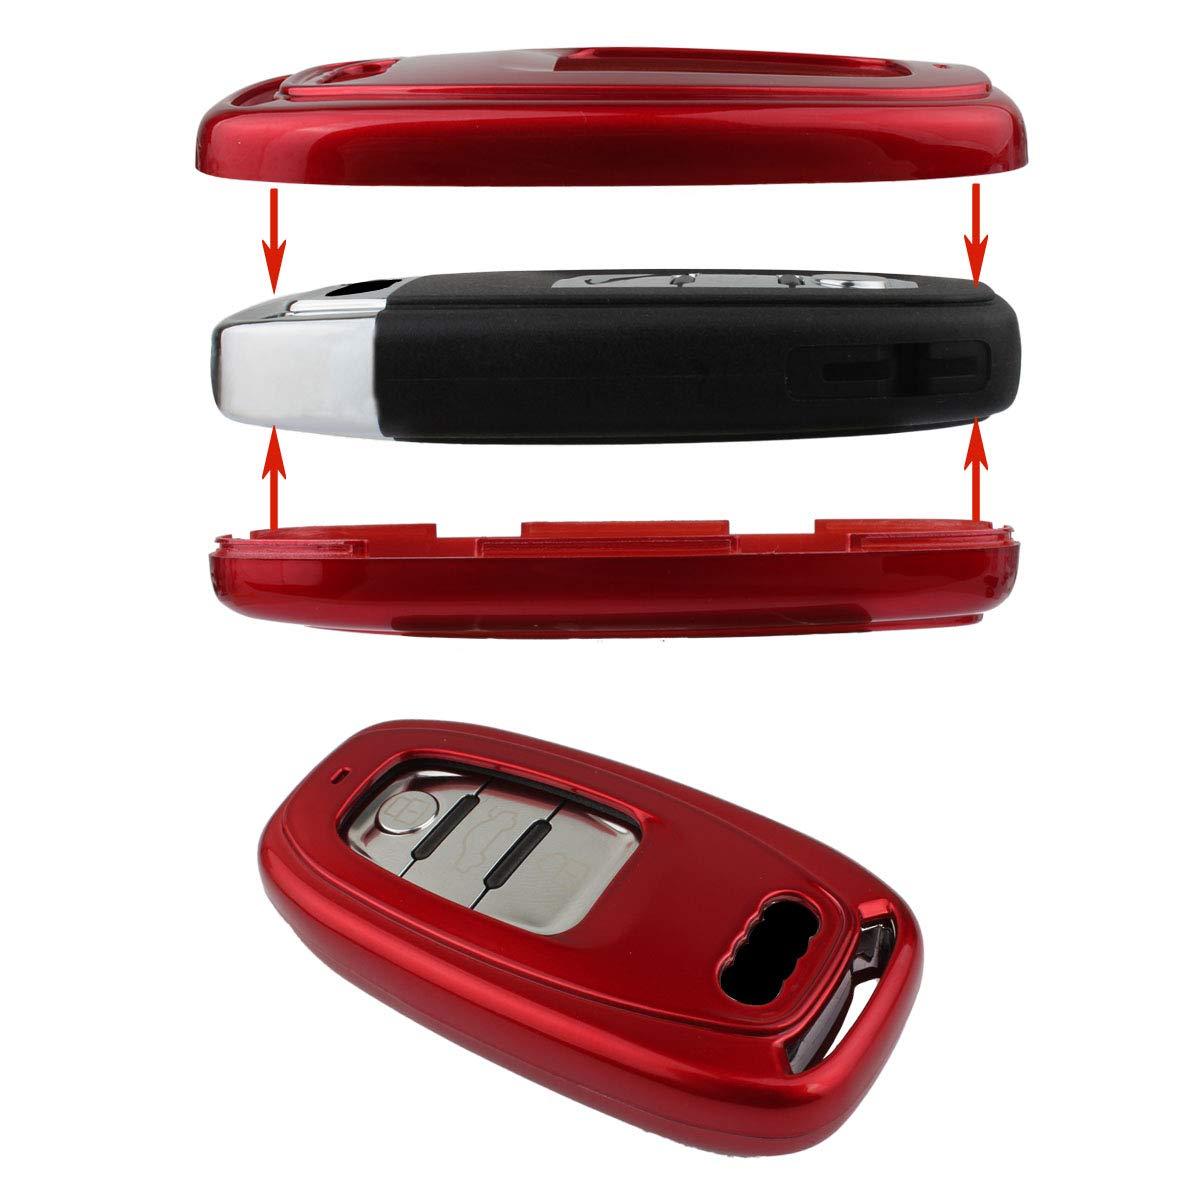 TOMALL Cubierta de llavero para Audi A4 A5 A6 A7 A8 Q5 R8 4 botones Smart Remote Key Shell Rojo